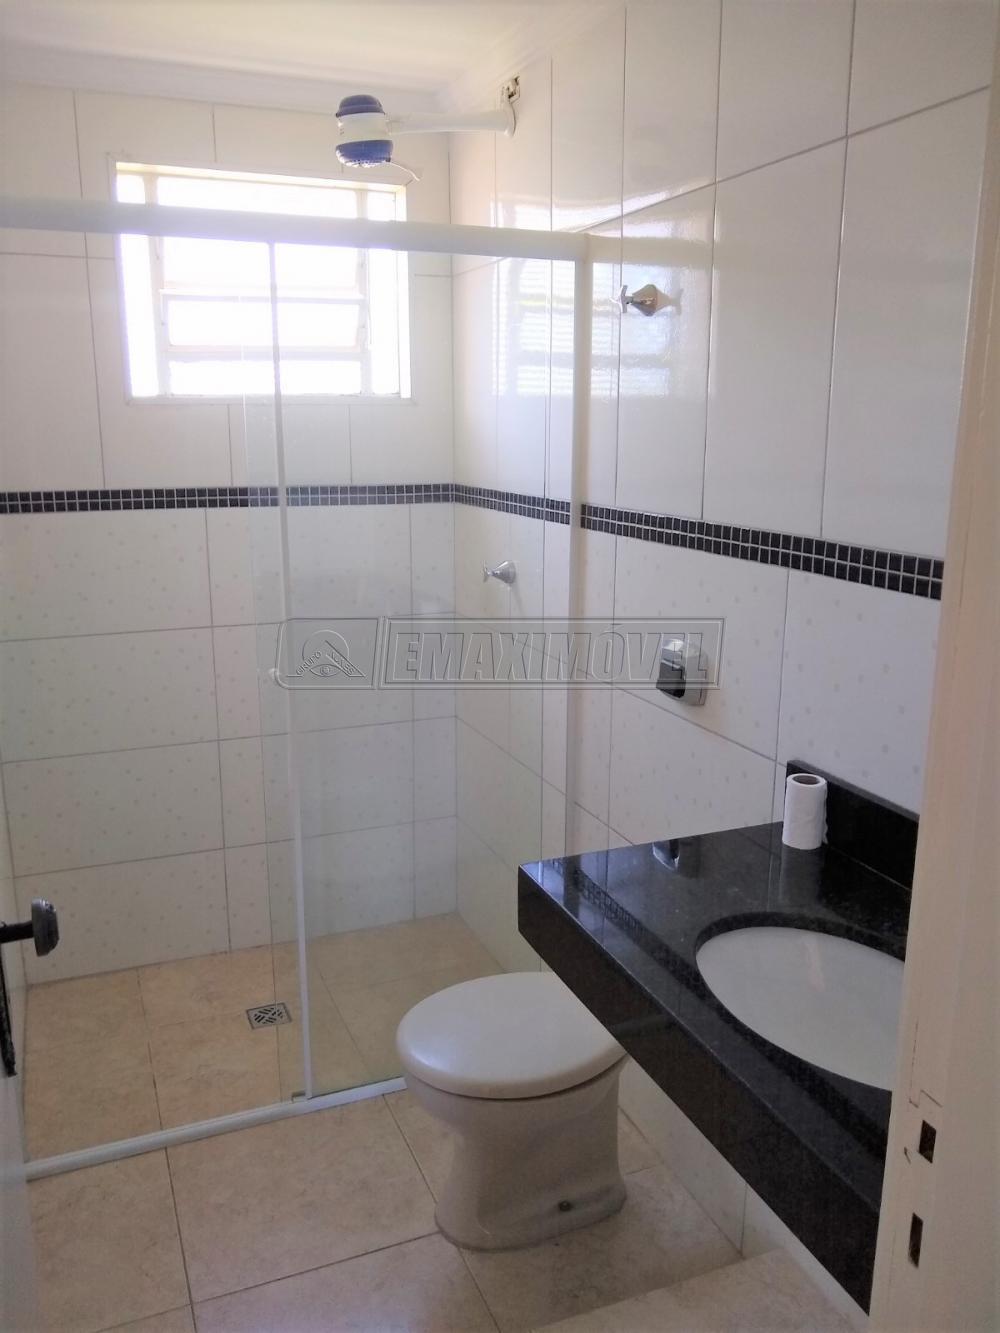 Comprar Apartamentos / Apto Padrão em Sorocaba apenas R$ 380.000,00 - Foto 11